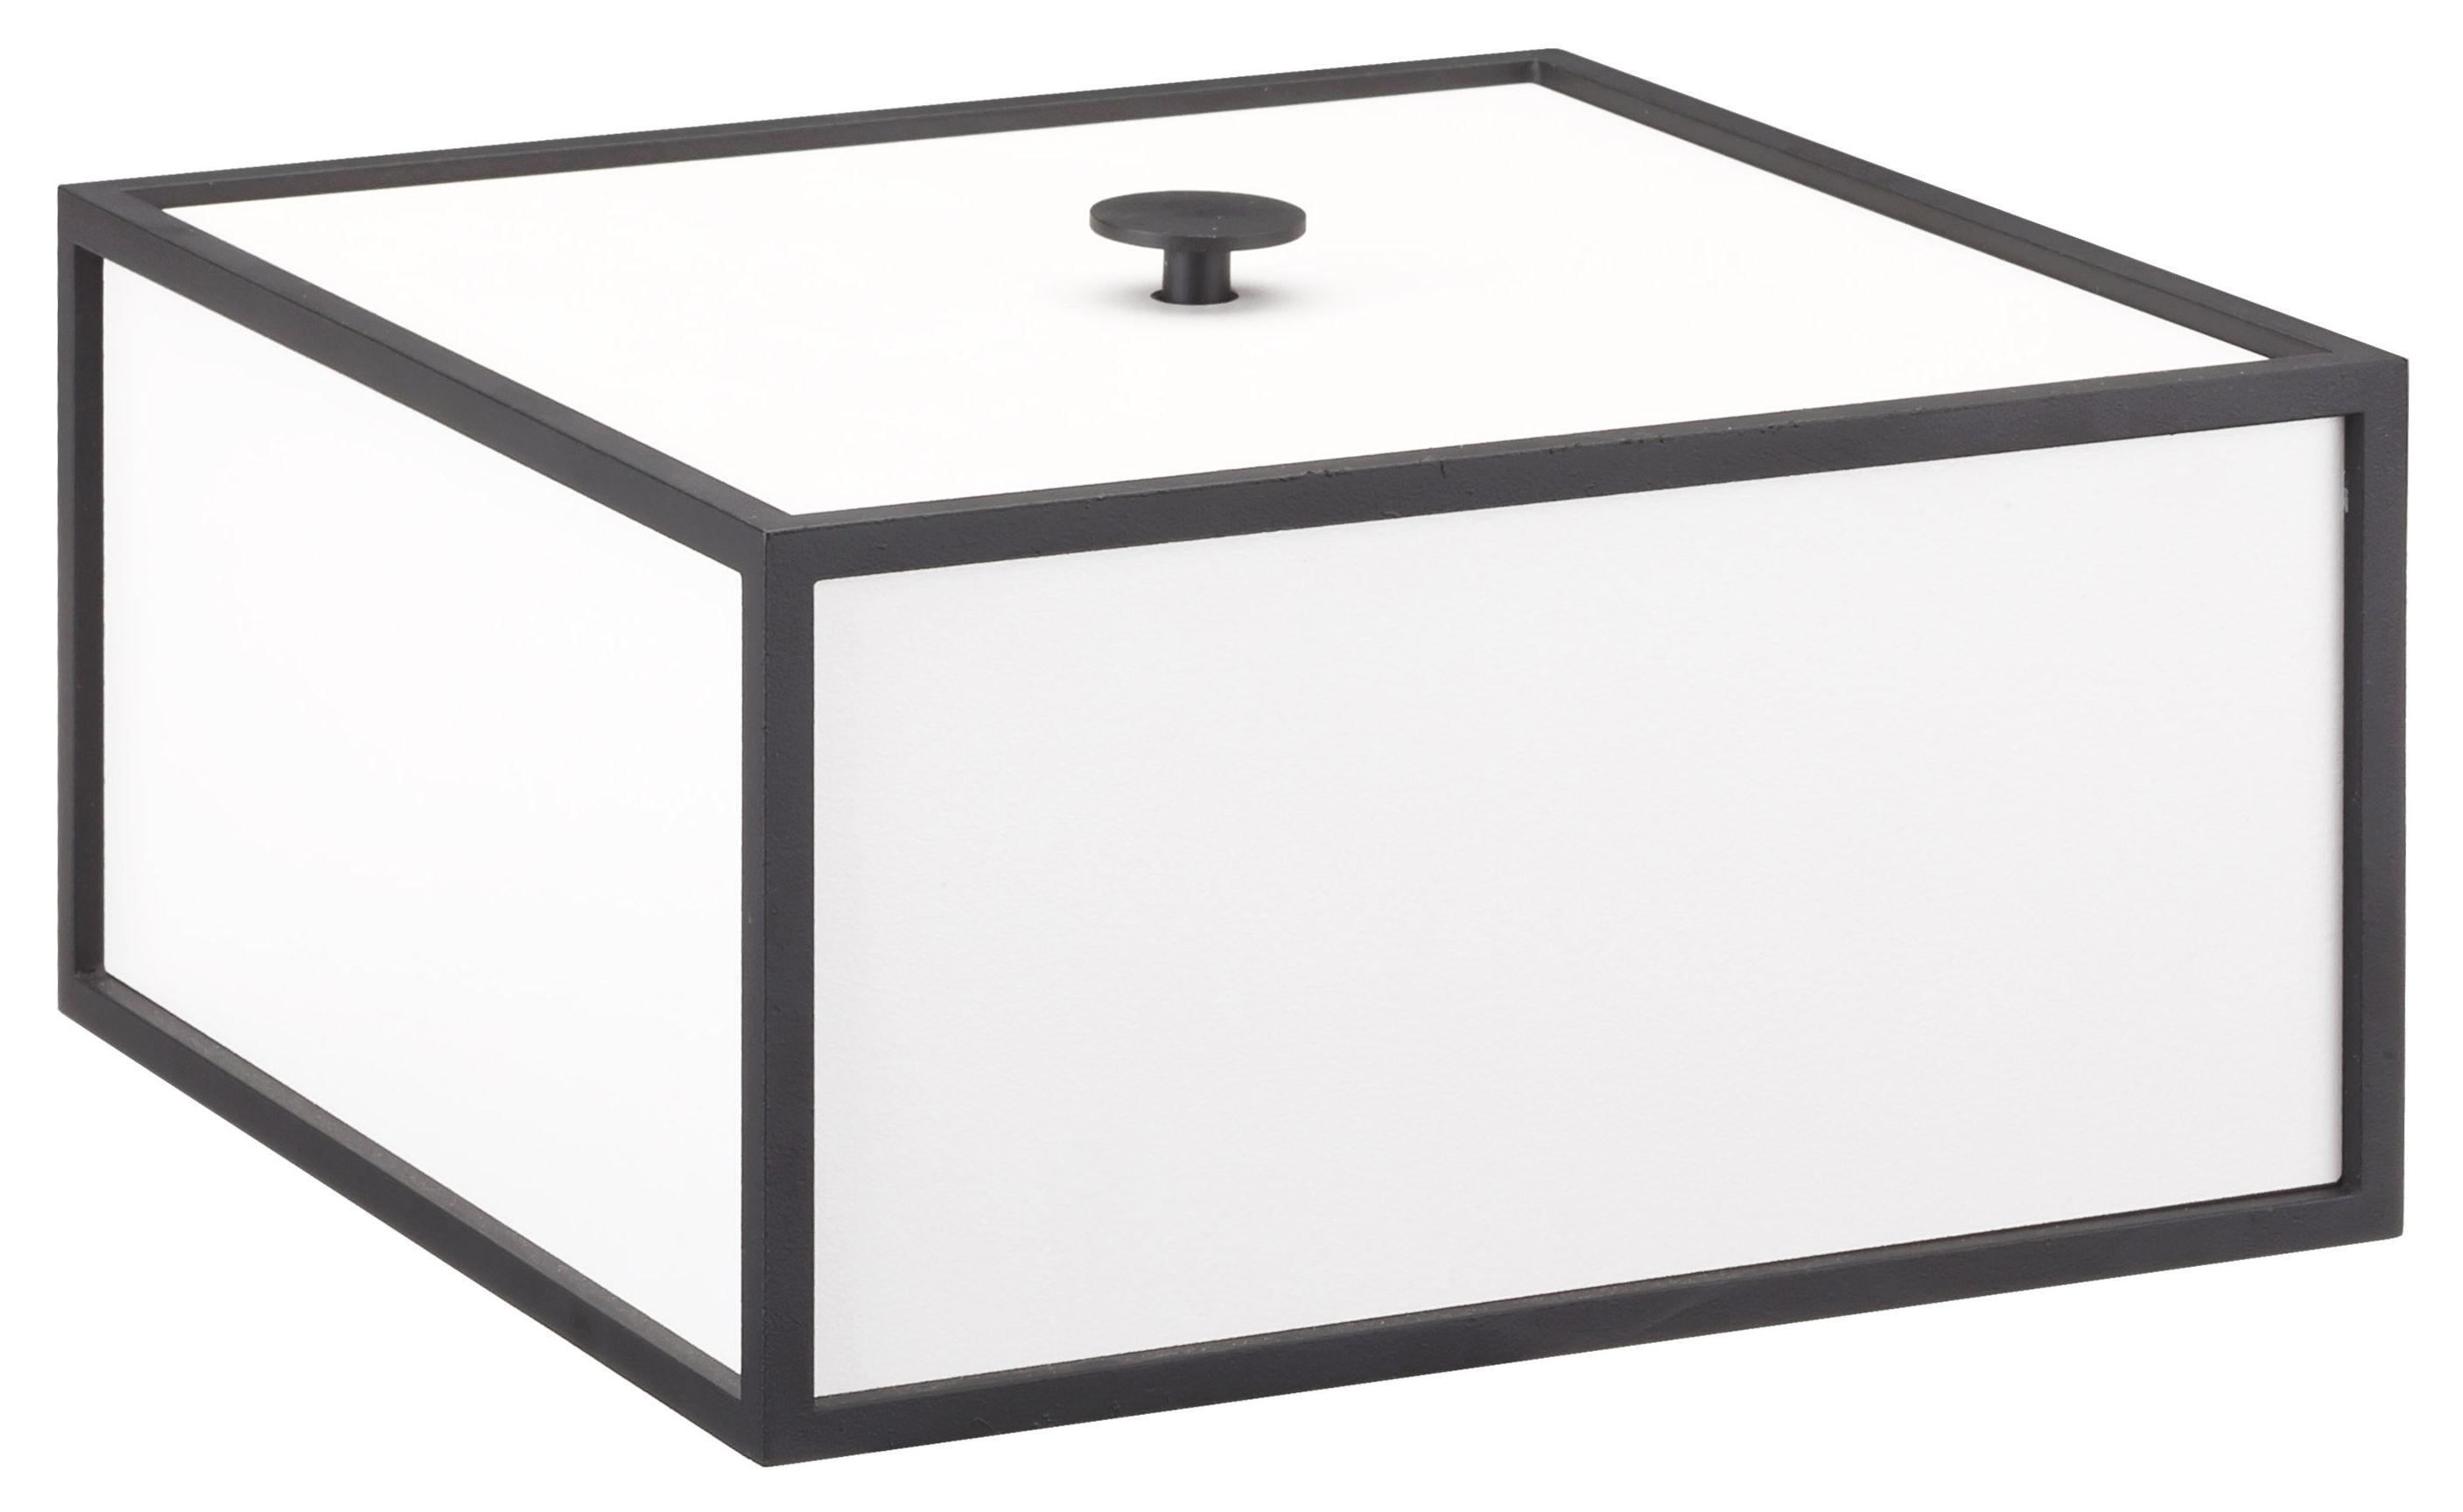 Déco - Boîtes déco - Boîte Frame / 20 x 20 cm - Bois & cadre métal - by Lassen - 20 cm / Blanc & métal noir - Acier laqué, MDF laqué